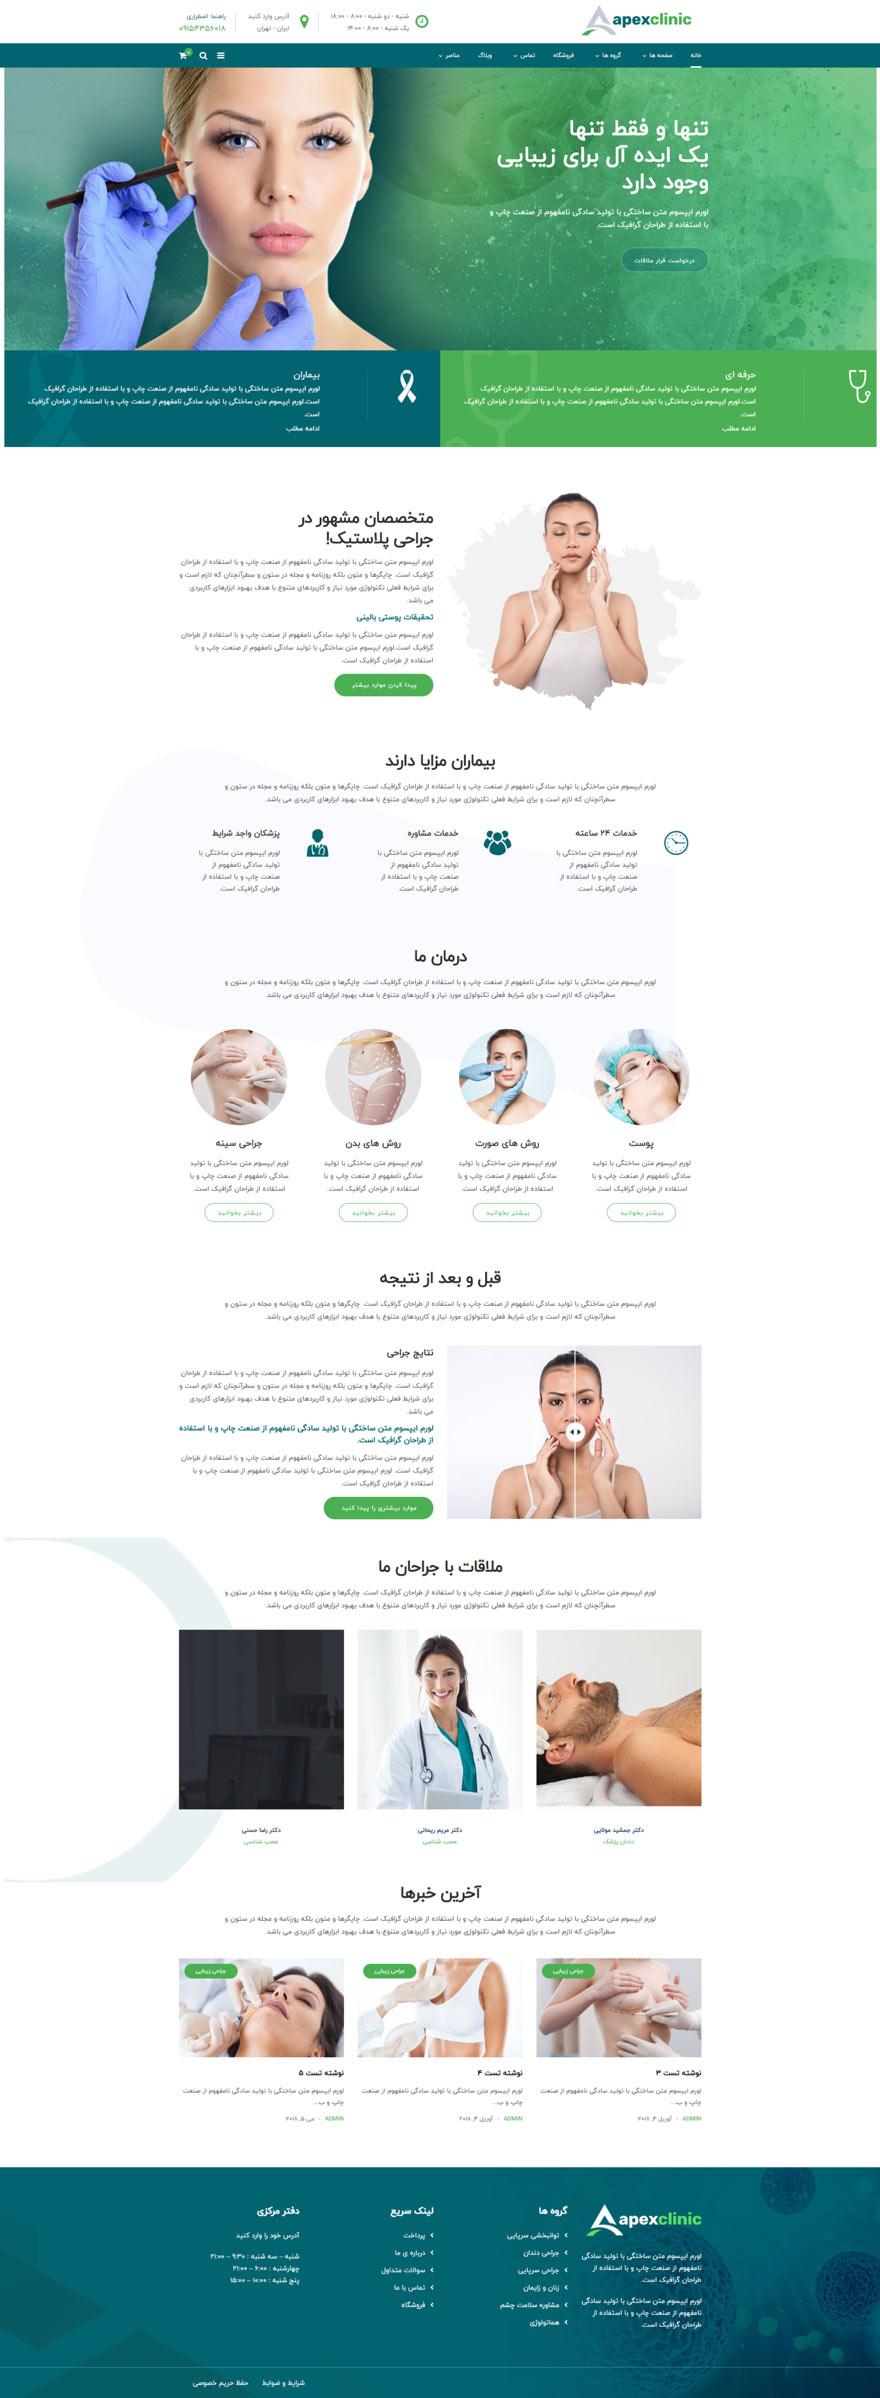 طراحی سایت کلینیک زیبایی